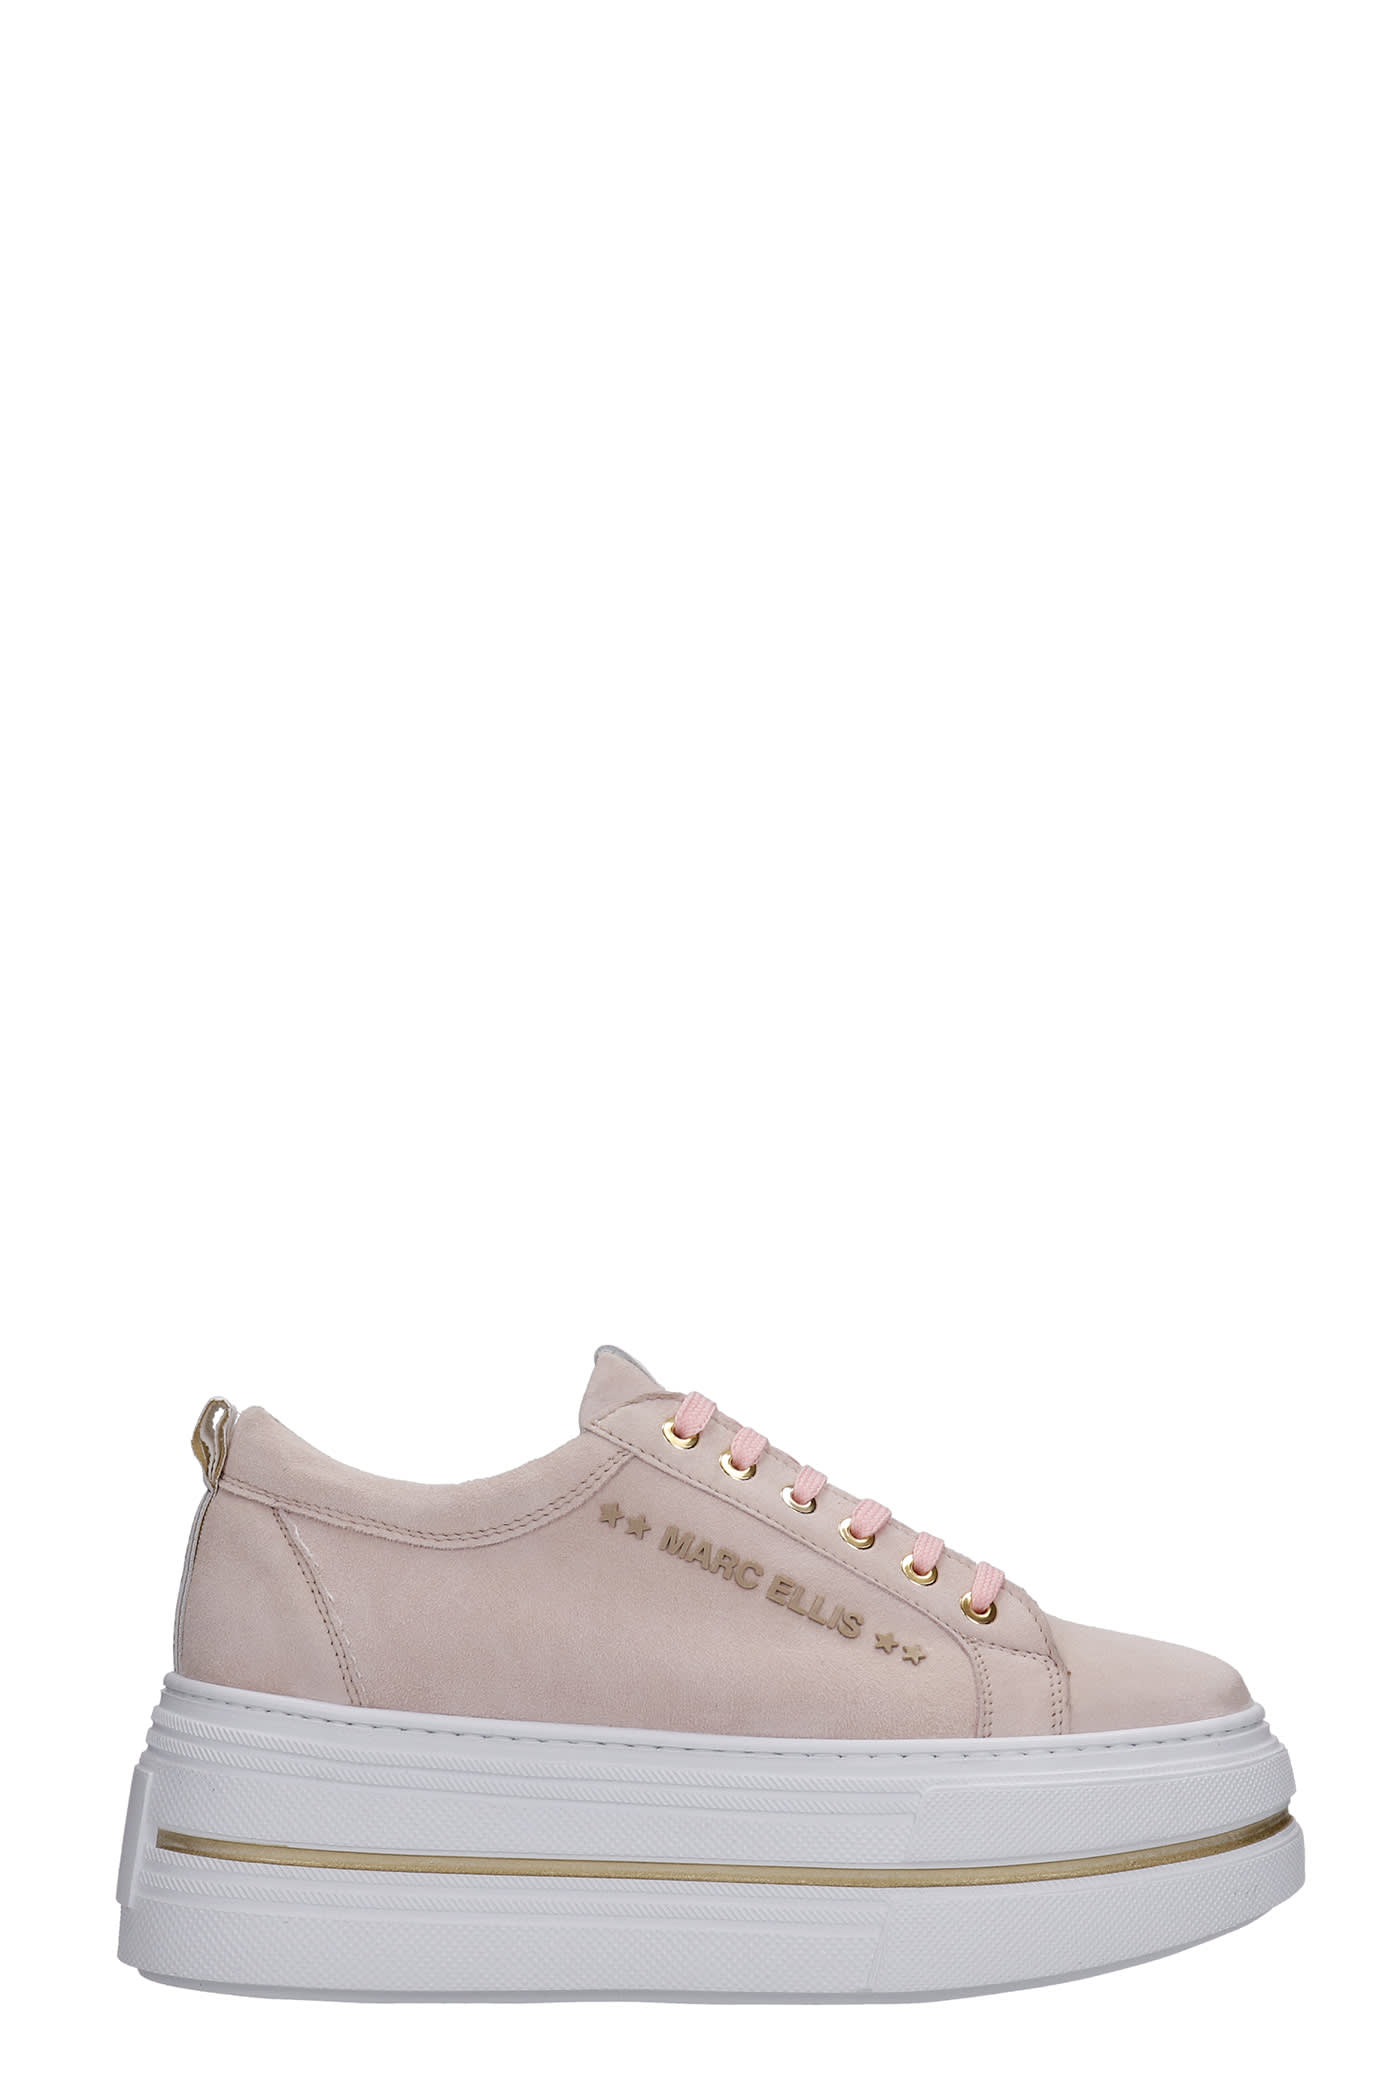 Sneakers In Rose-pink Suede